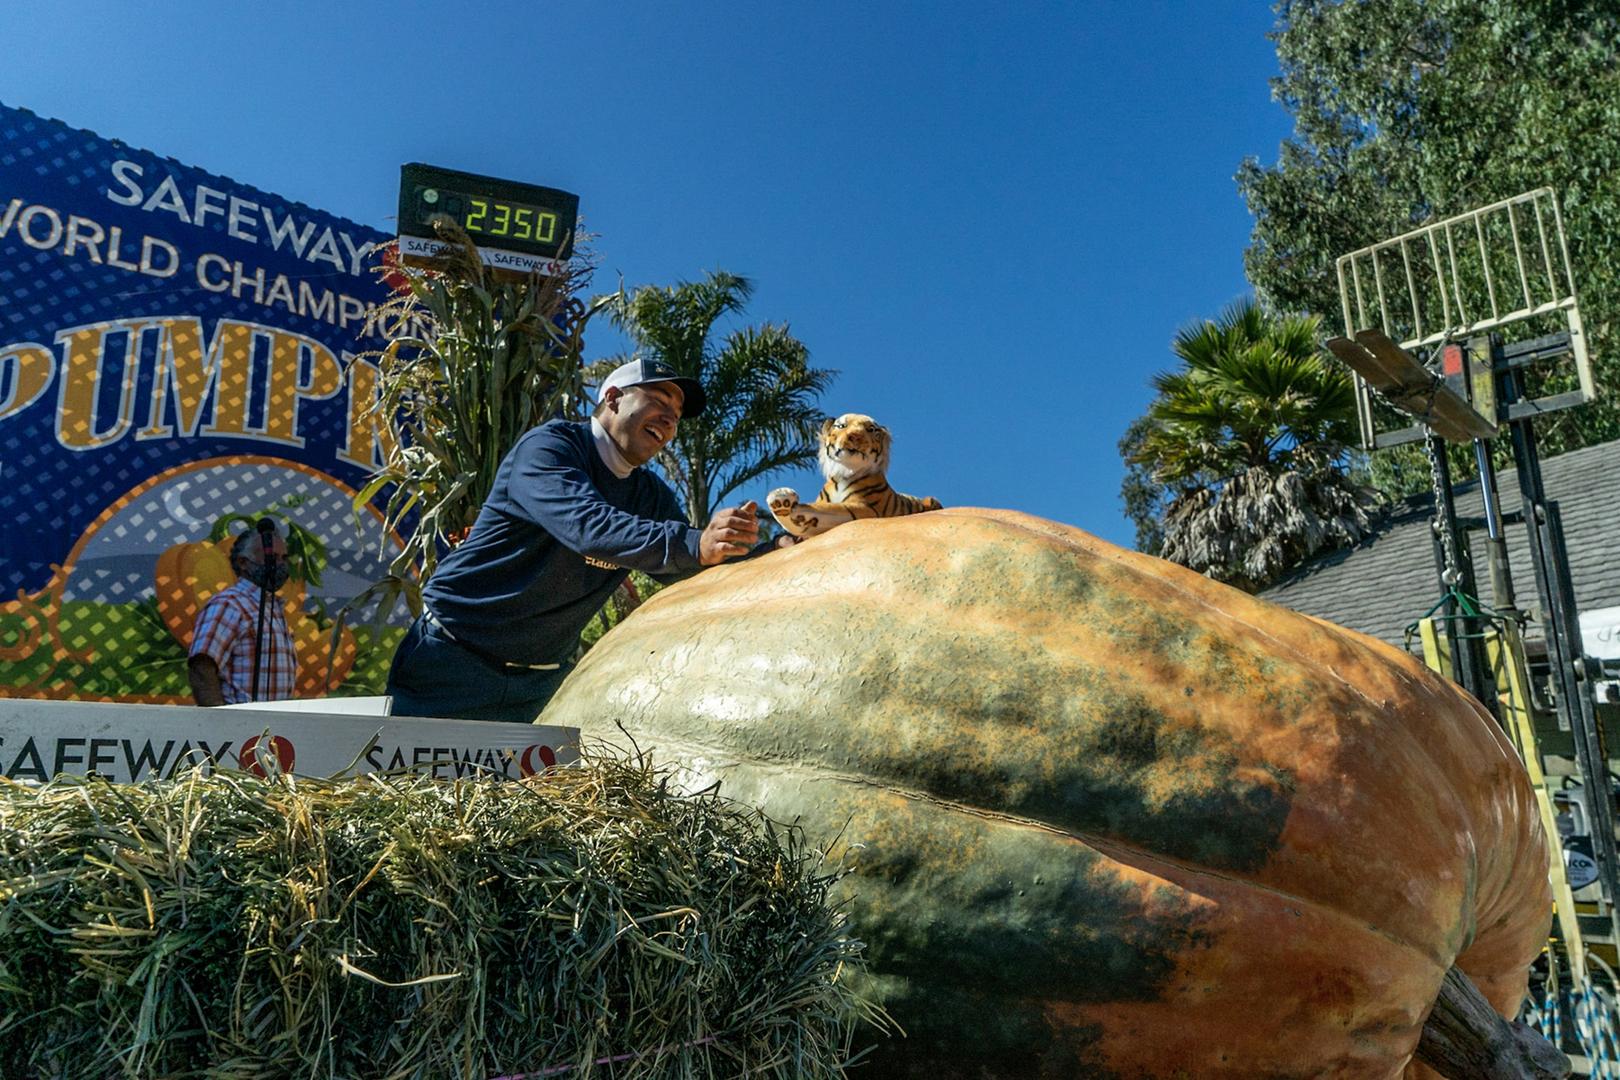 Half Moon Bay's 48th Safeway World Championship Pumpkin Weigh-Off